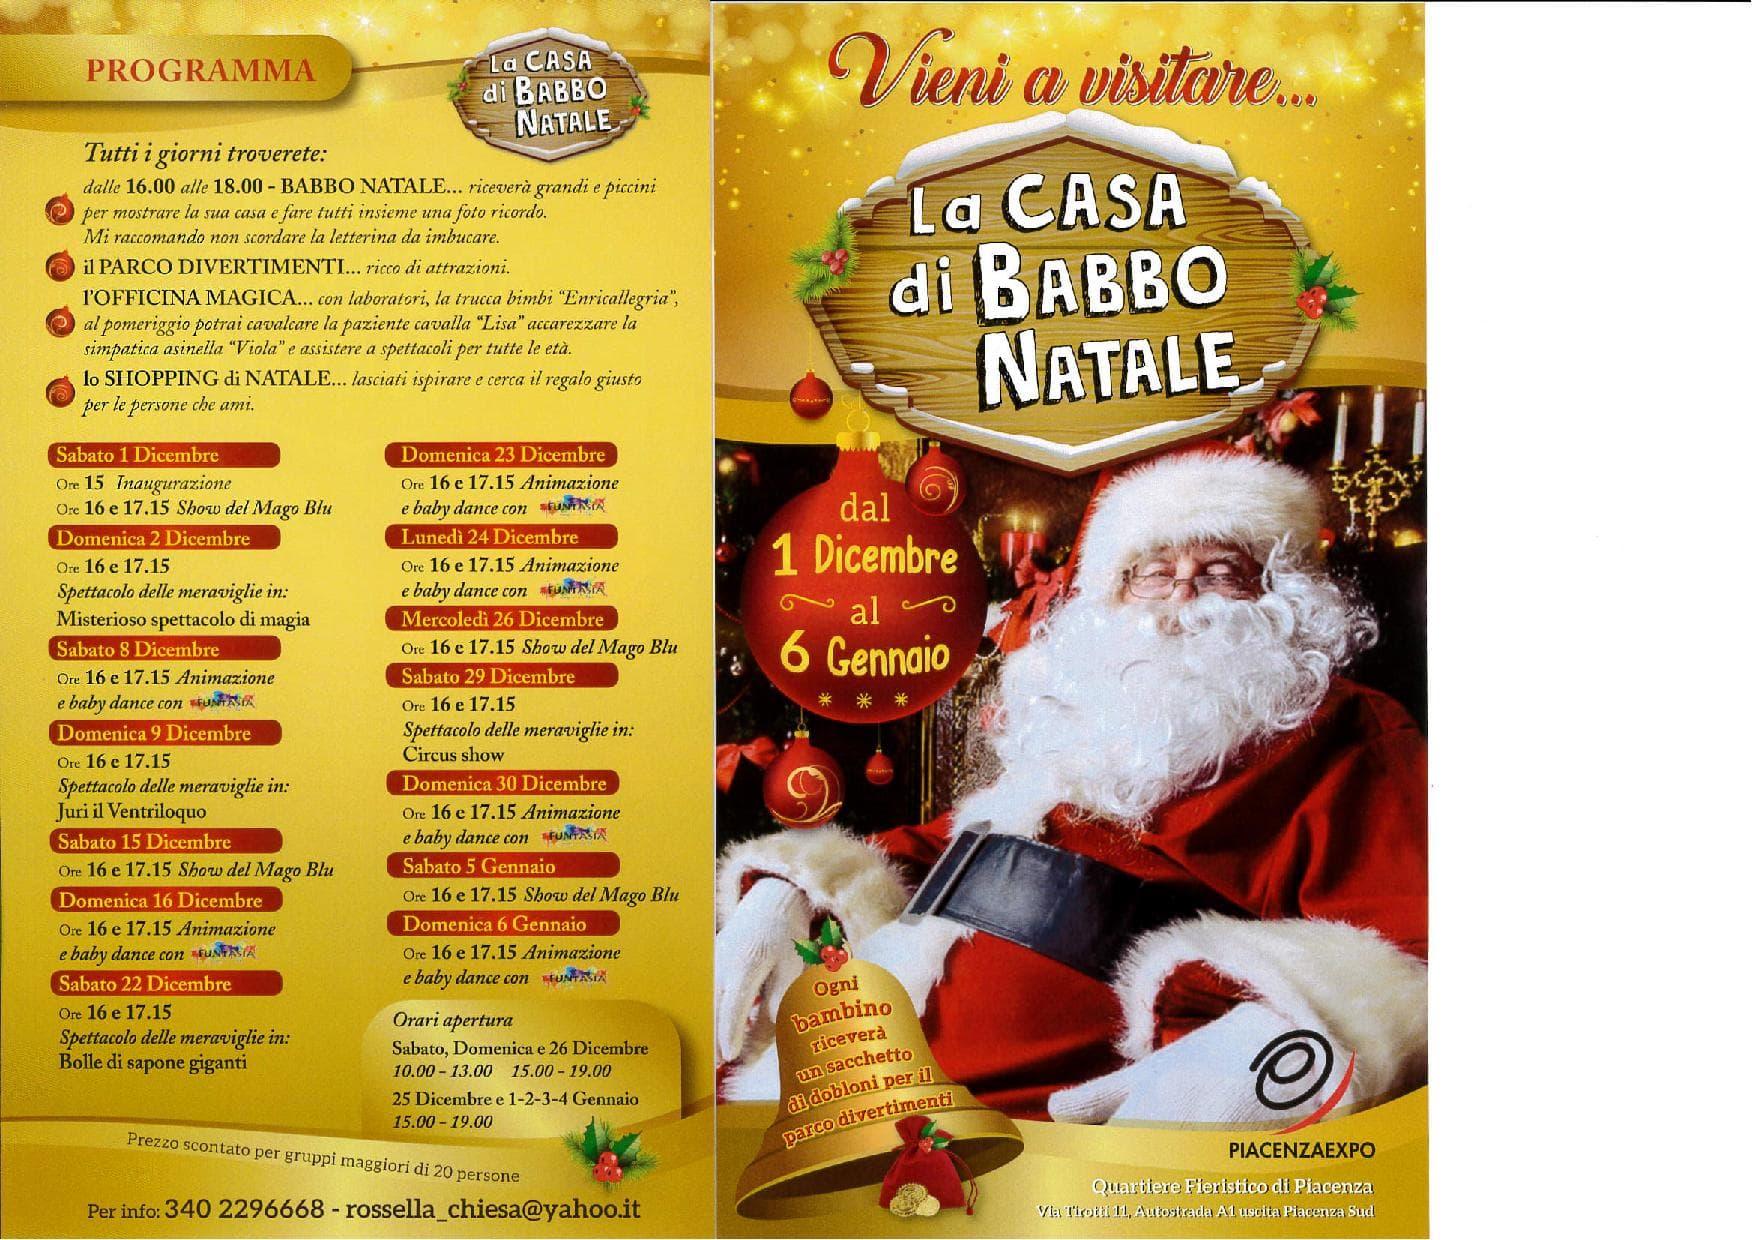 La Casa Di Babbo Natale Prezzi.A Piacenza Expo La Casa Di Babbo Natale